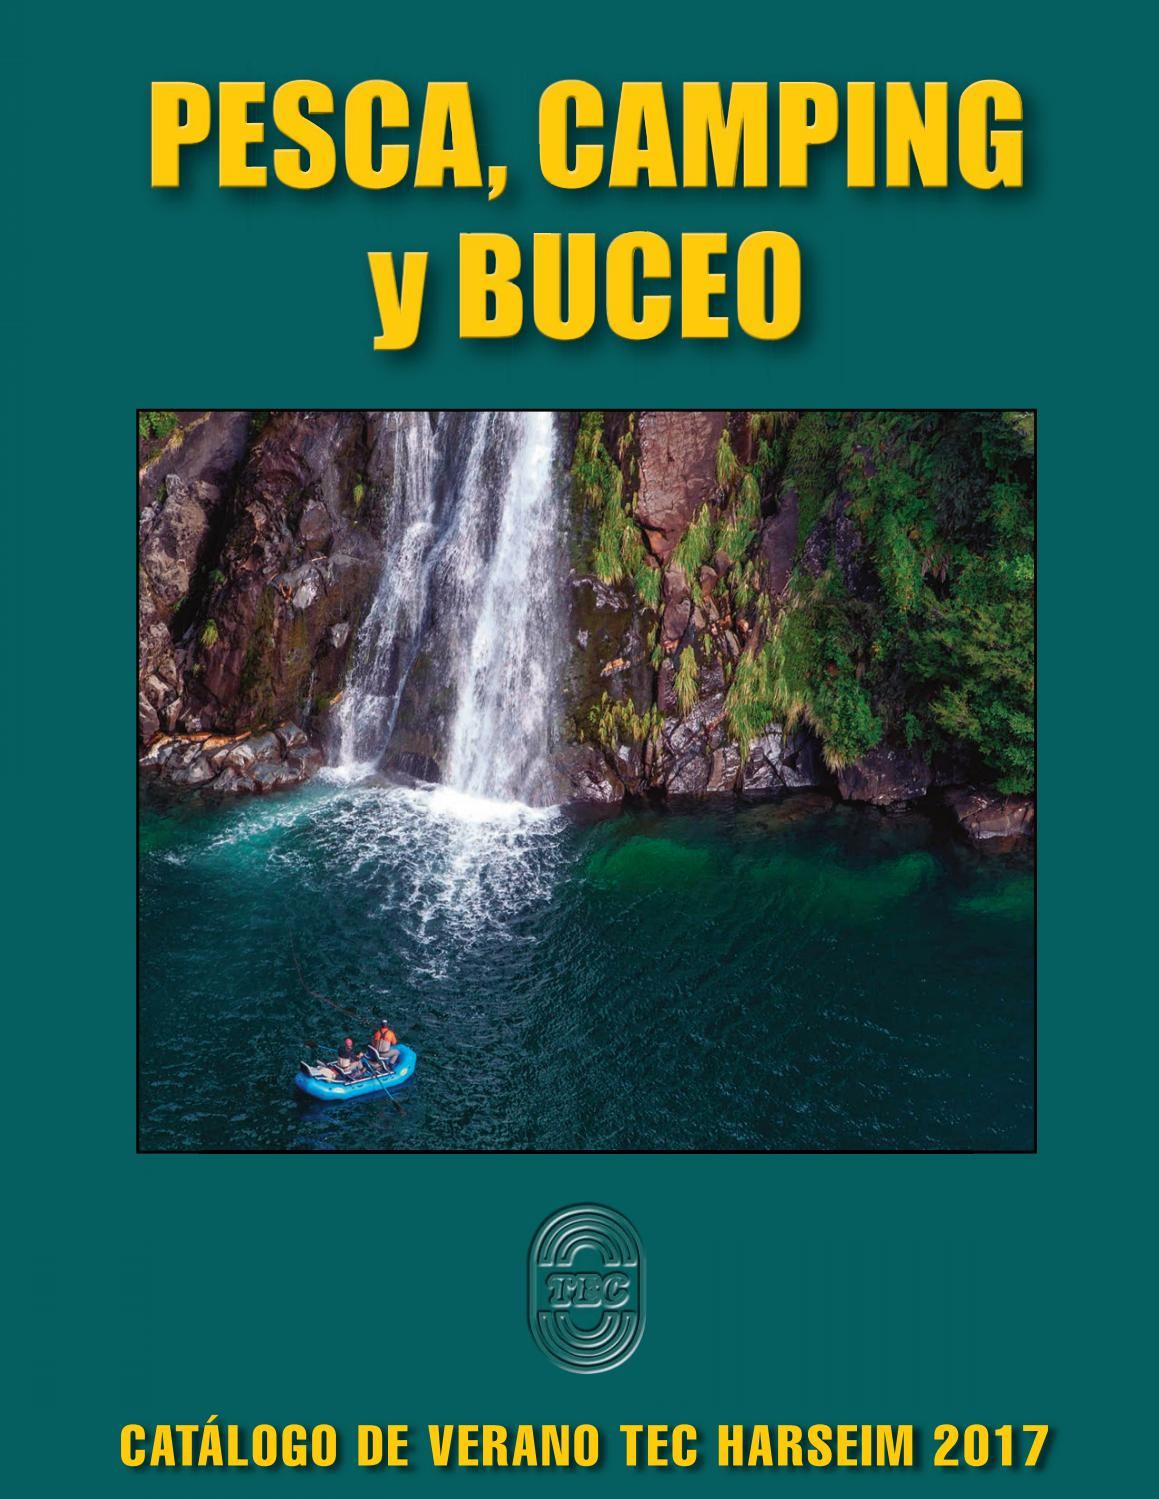 Catálogo PESCA, CAMPING y BUCEO 2017 by TEC Harseim Ltda. - - issuu